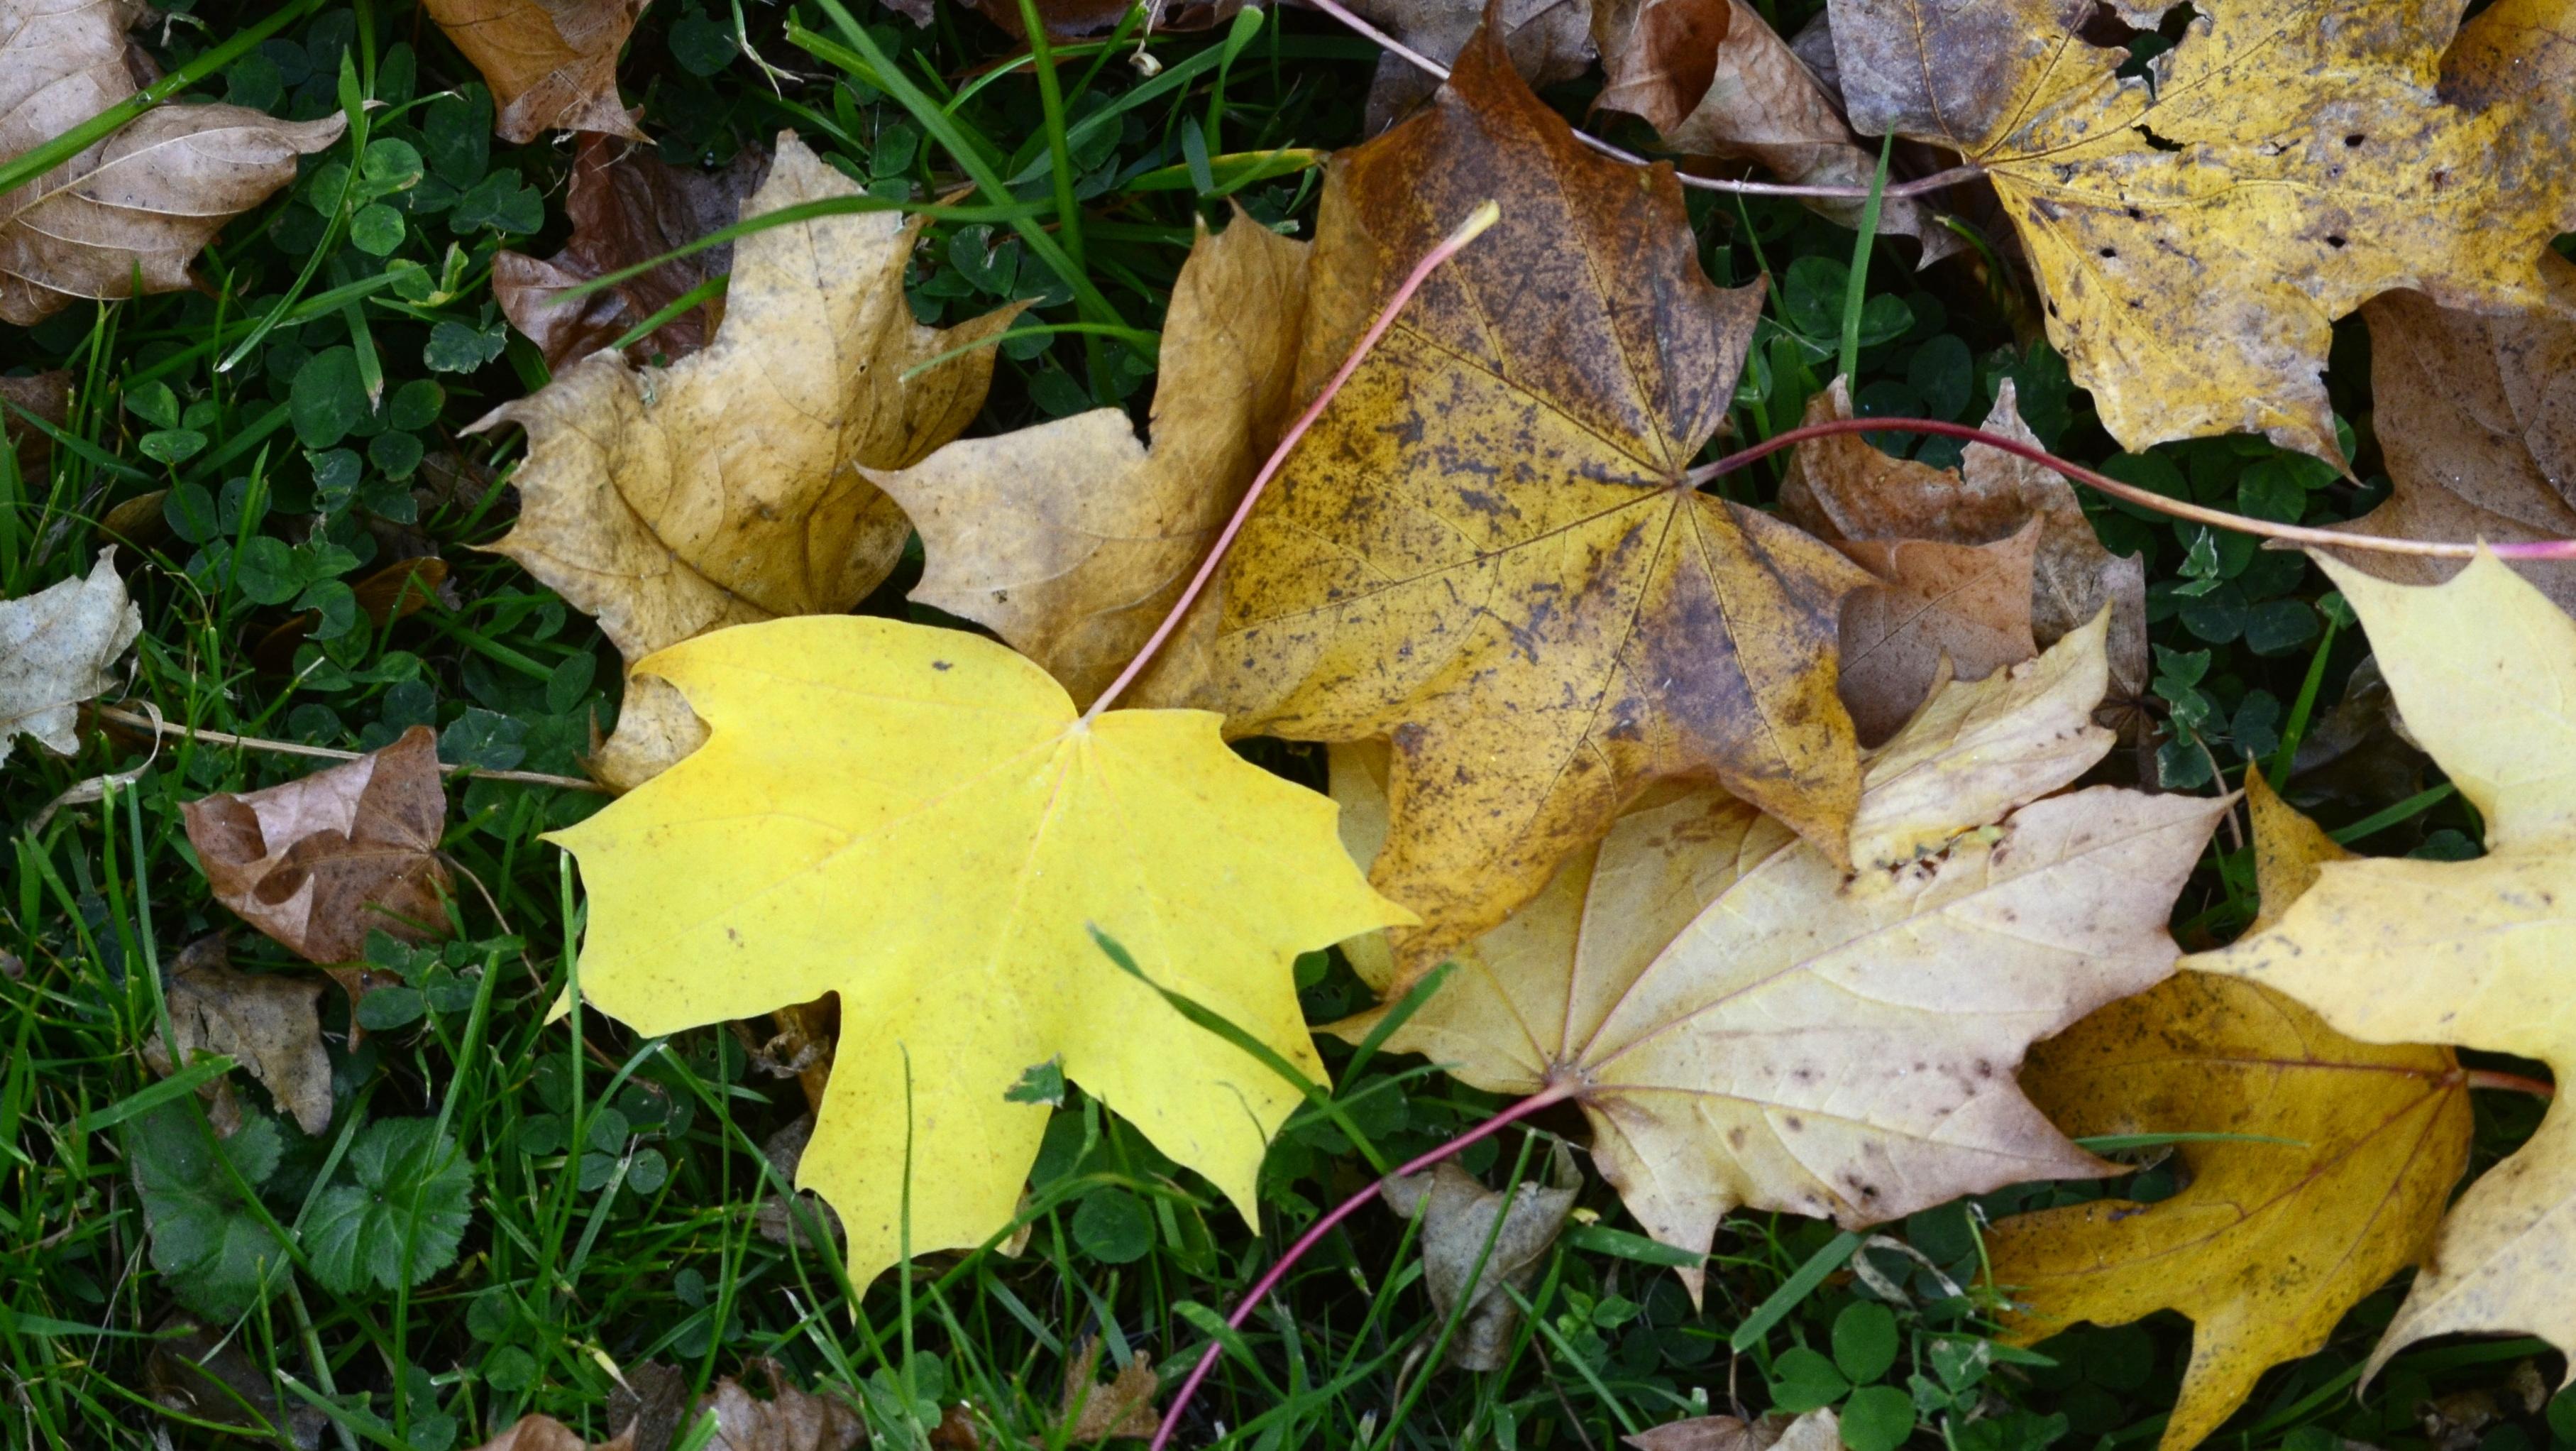 Sonbaharda, kloroplastlardaki klorofil kaybından sonra hali hazırda var olan karotenoidler ortaya çıkmış olur. Bu yaprağın sarı olmasını sağlayan karotenoid pigmentleri esas olarak mavi dalga boylarını absorbe eder ve daha uzun dalga boylarının saçılmasına ve sarı rengin üretilmesine izin verir.